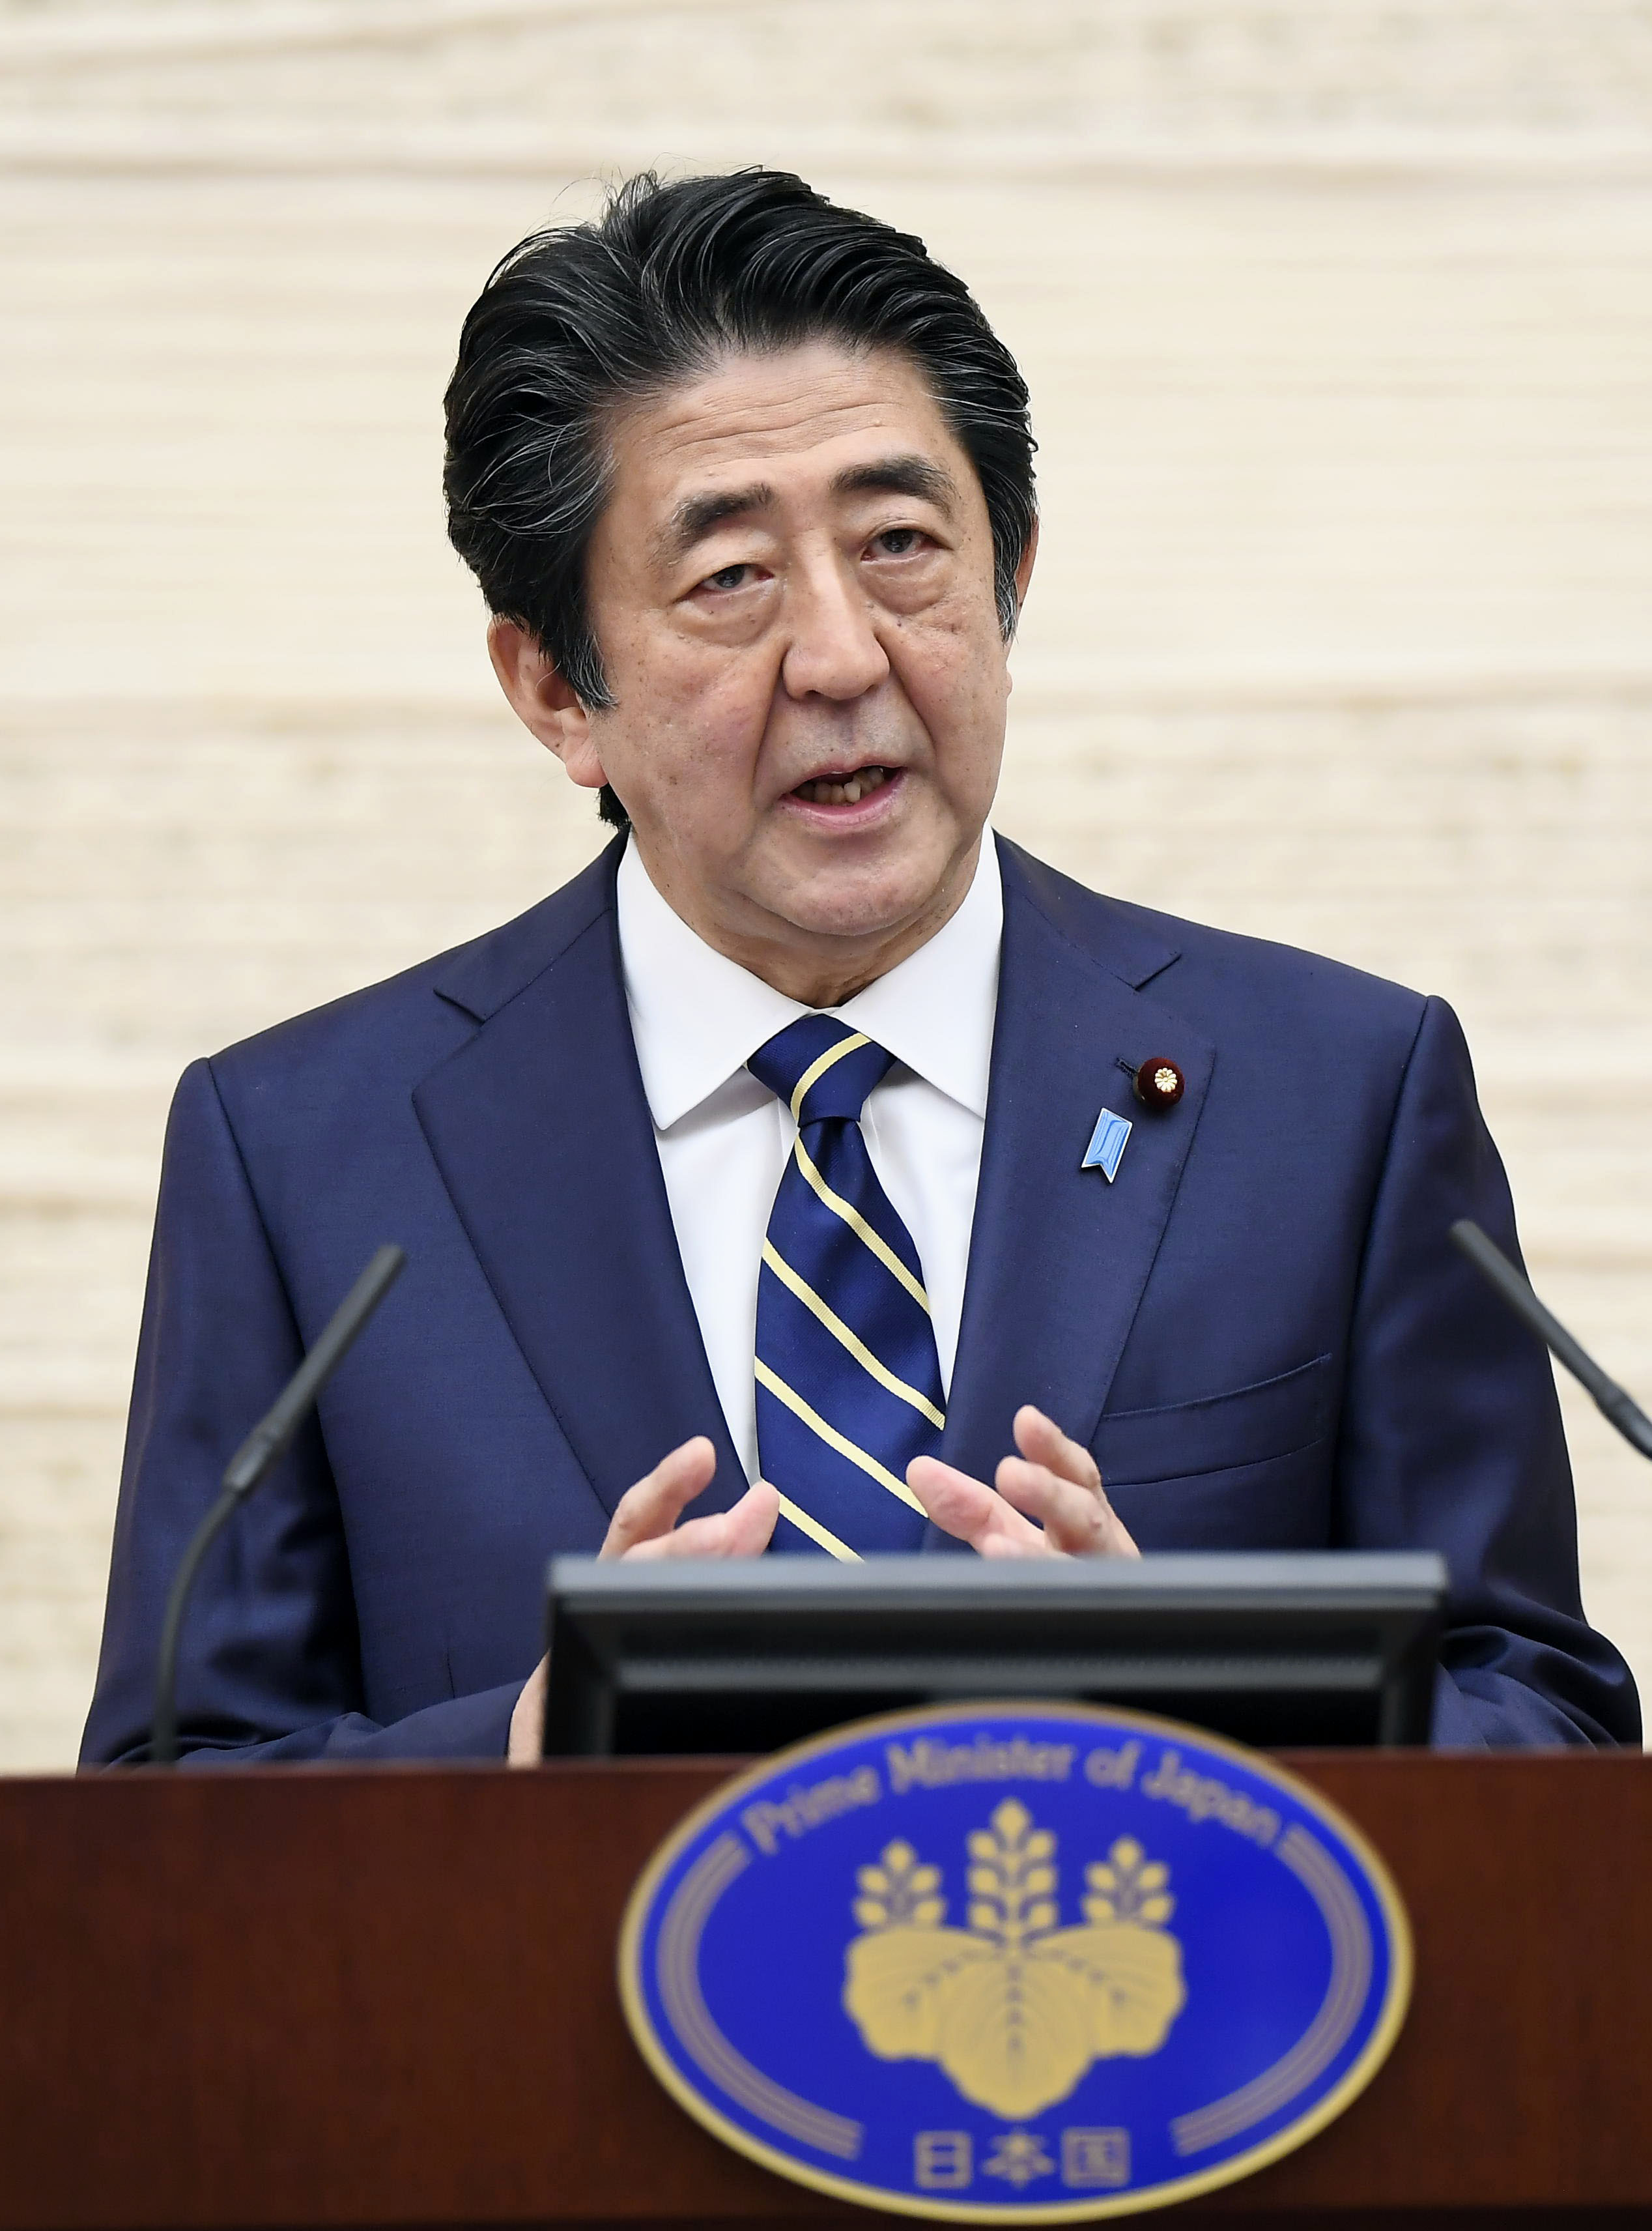 政府の緊急事態宣言に関し、39県での解除を表明する安倍首相=14日午後、首相官邸